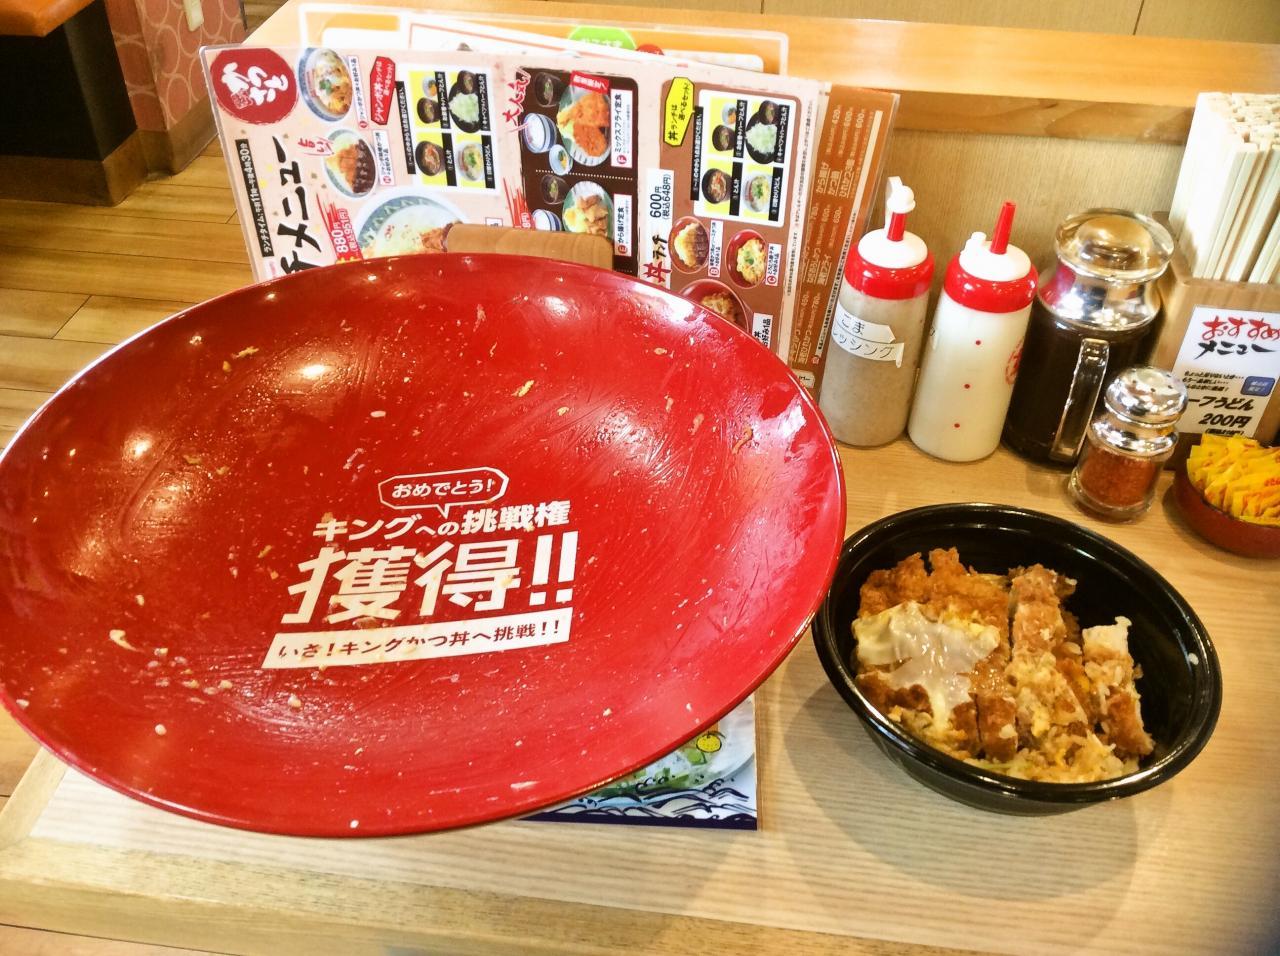 かつさと 城山店(かつ丼)